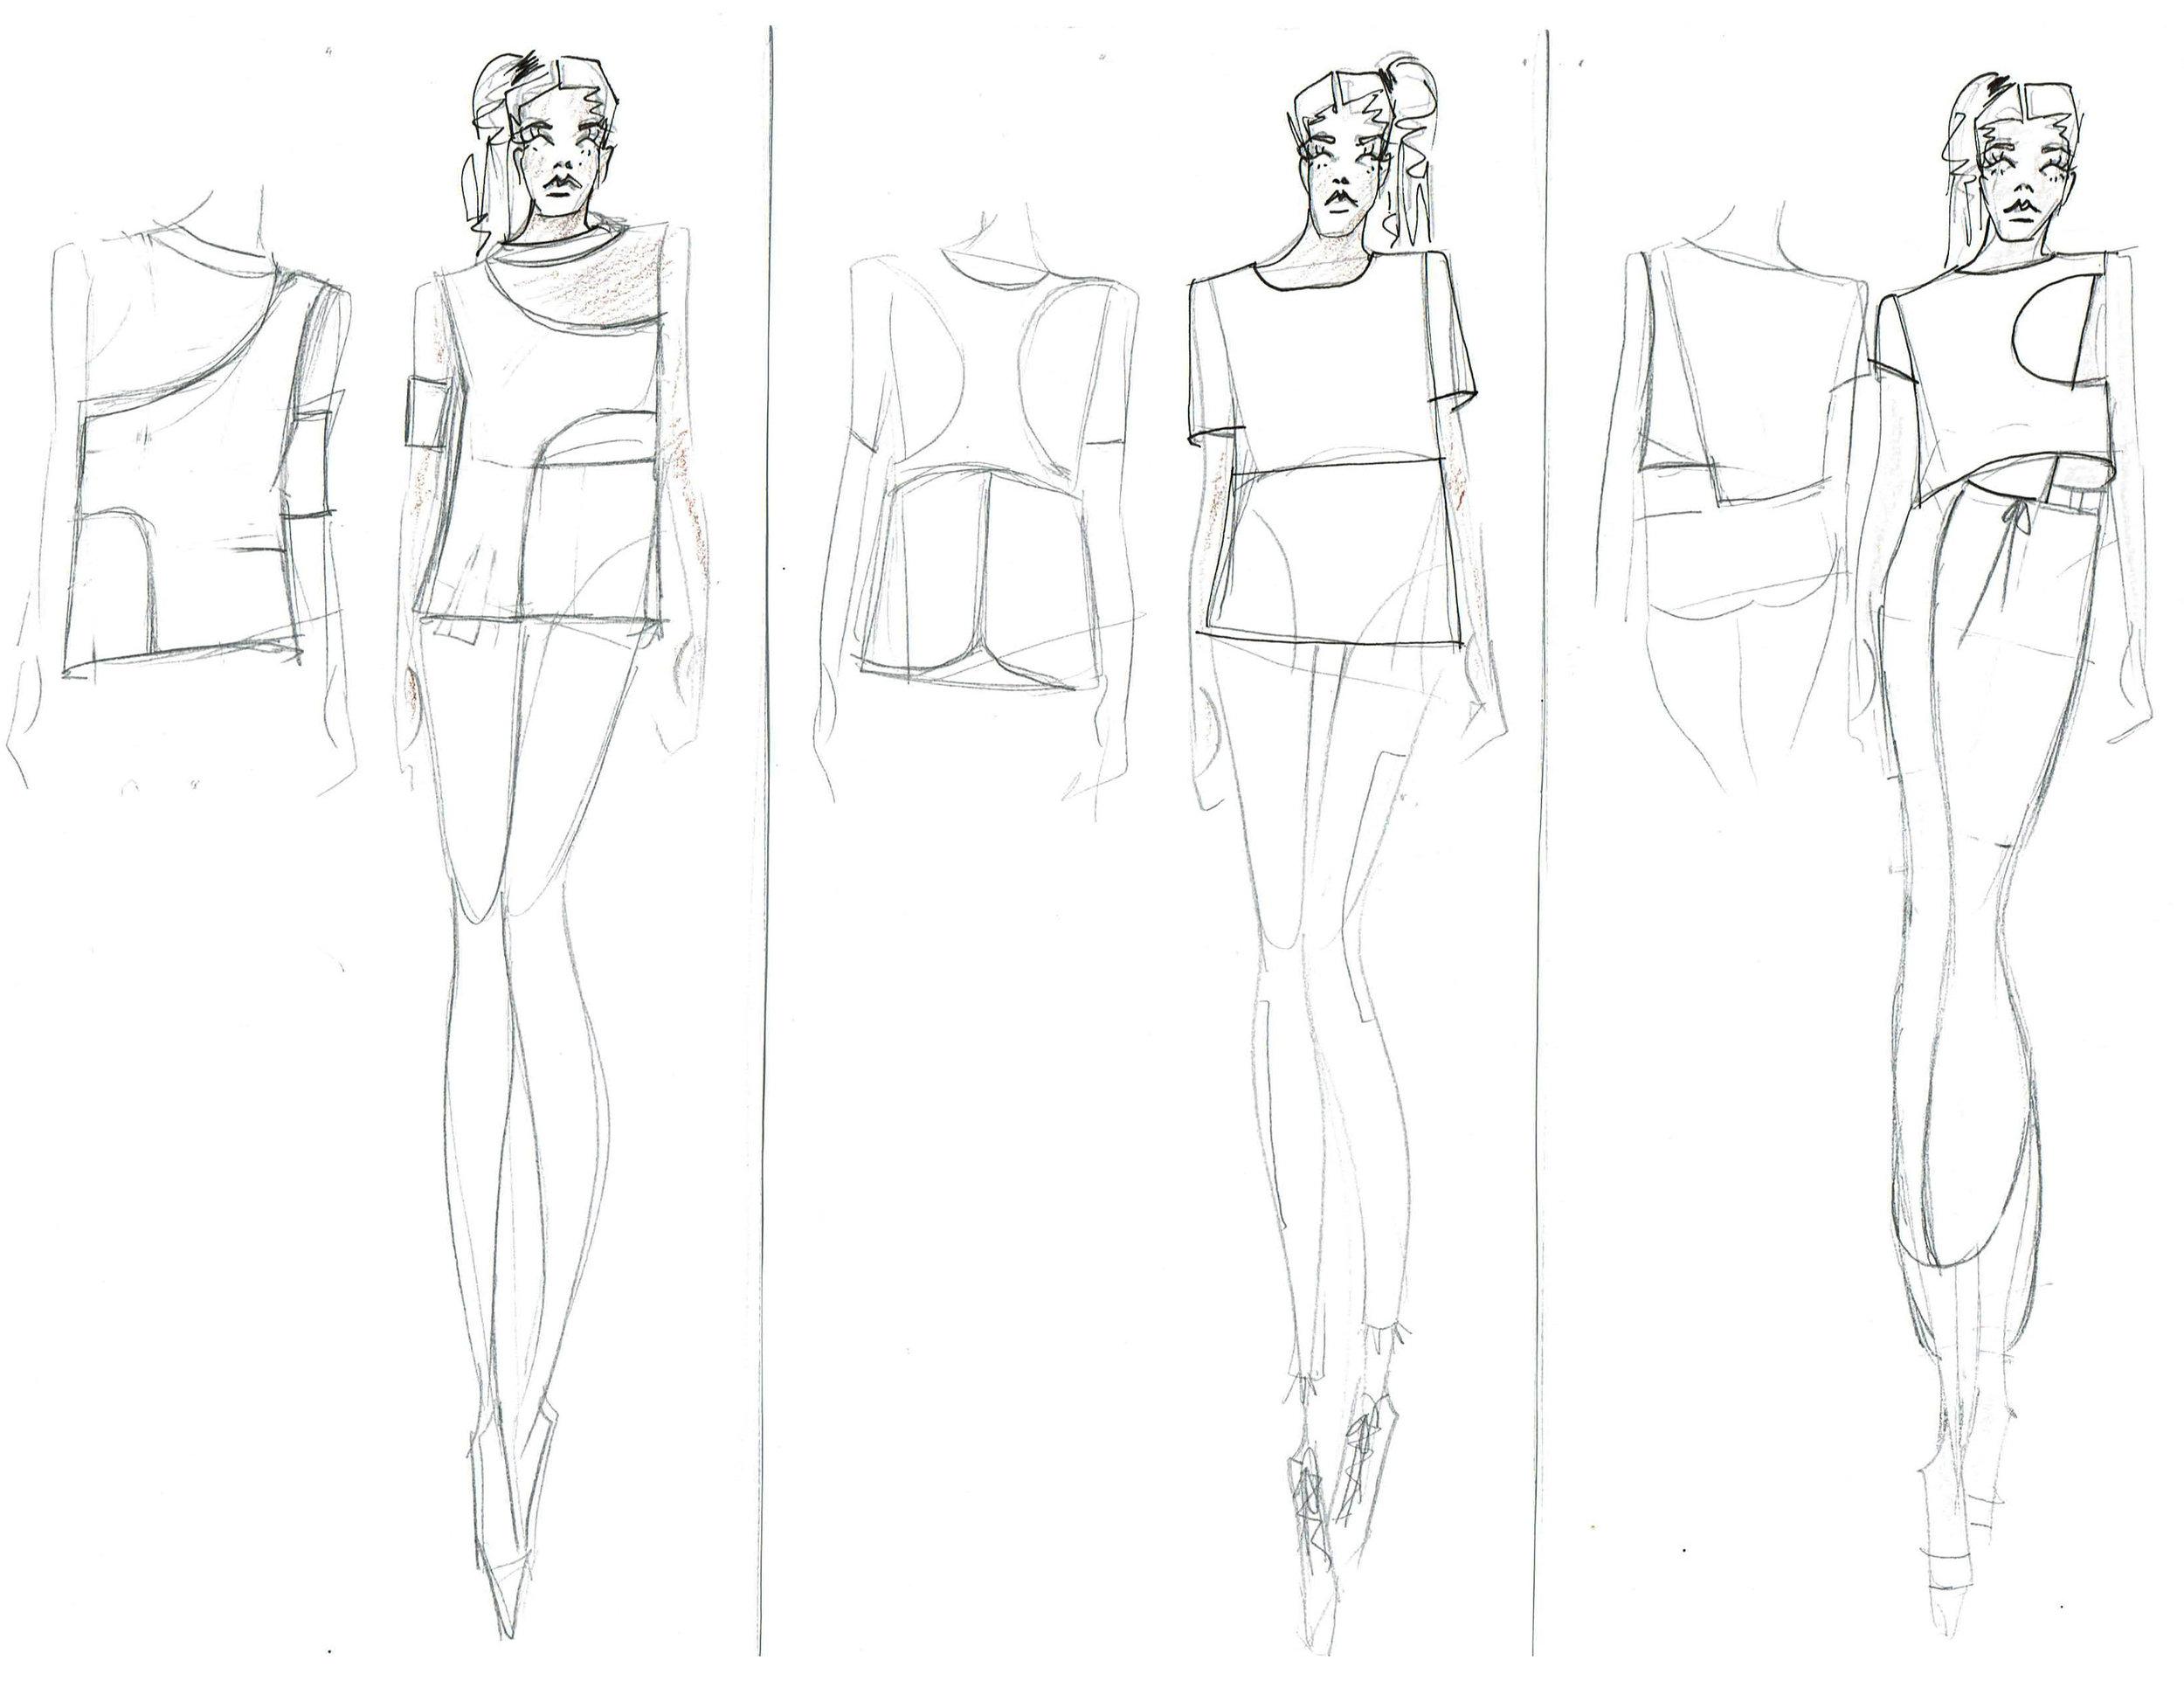 sketches5 copy.jpg